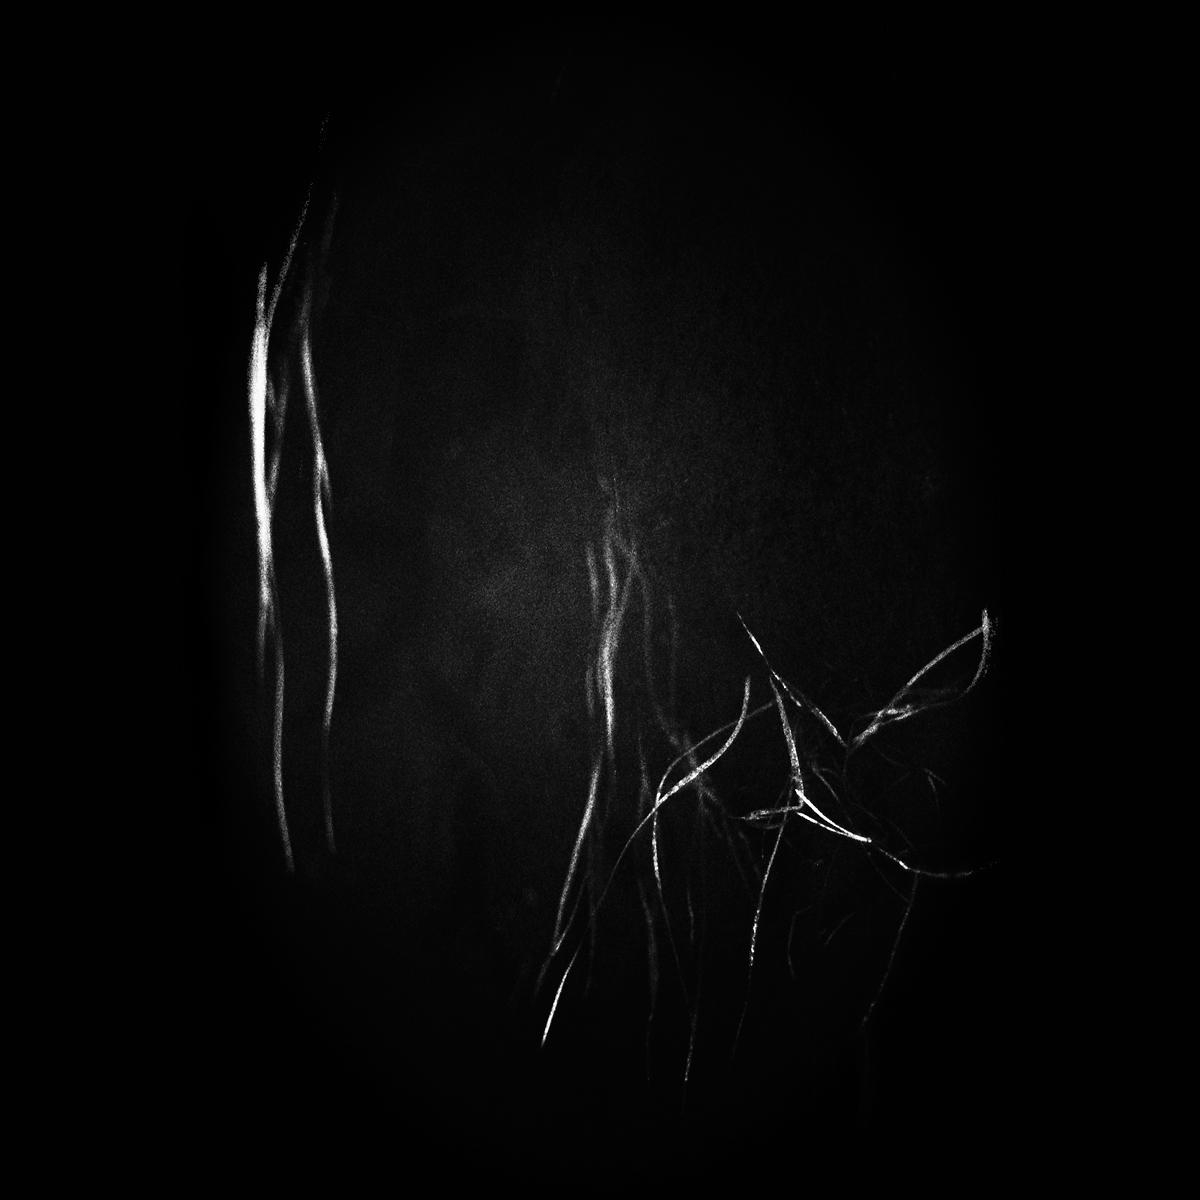 Humeur noire by JakezDaniel